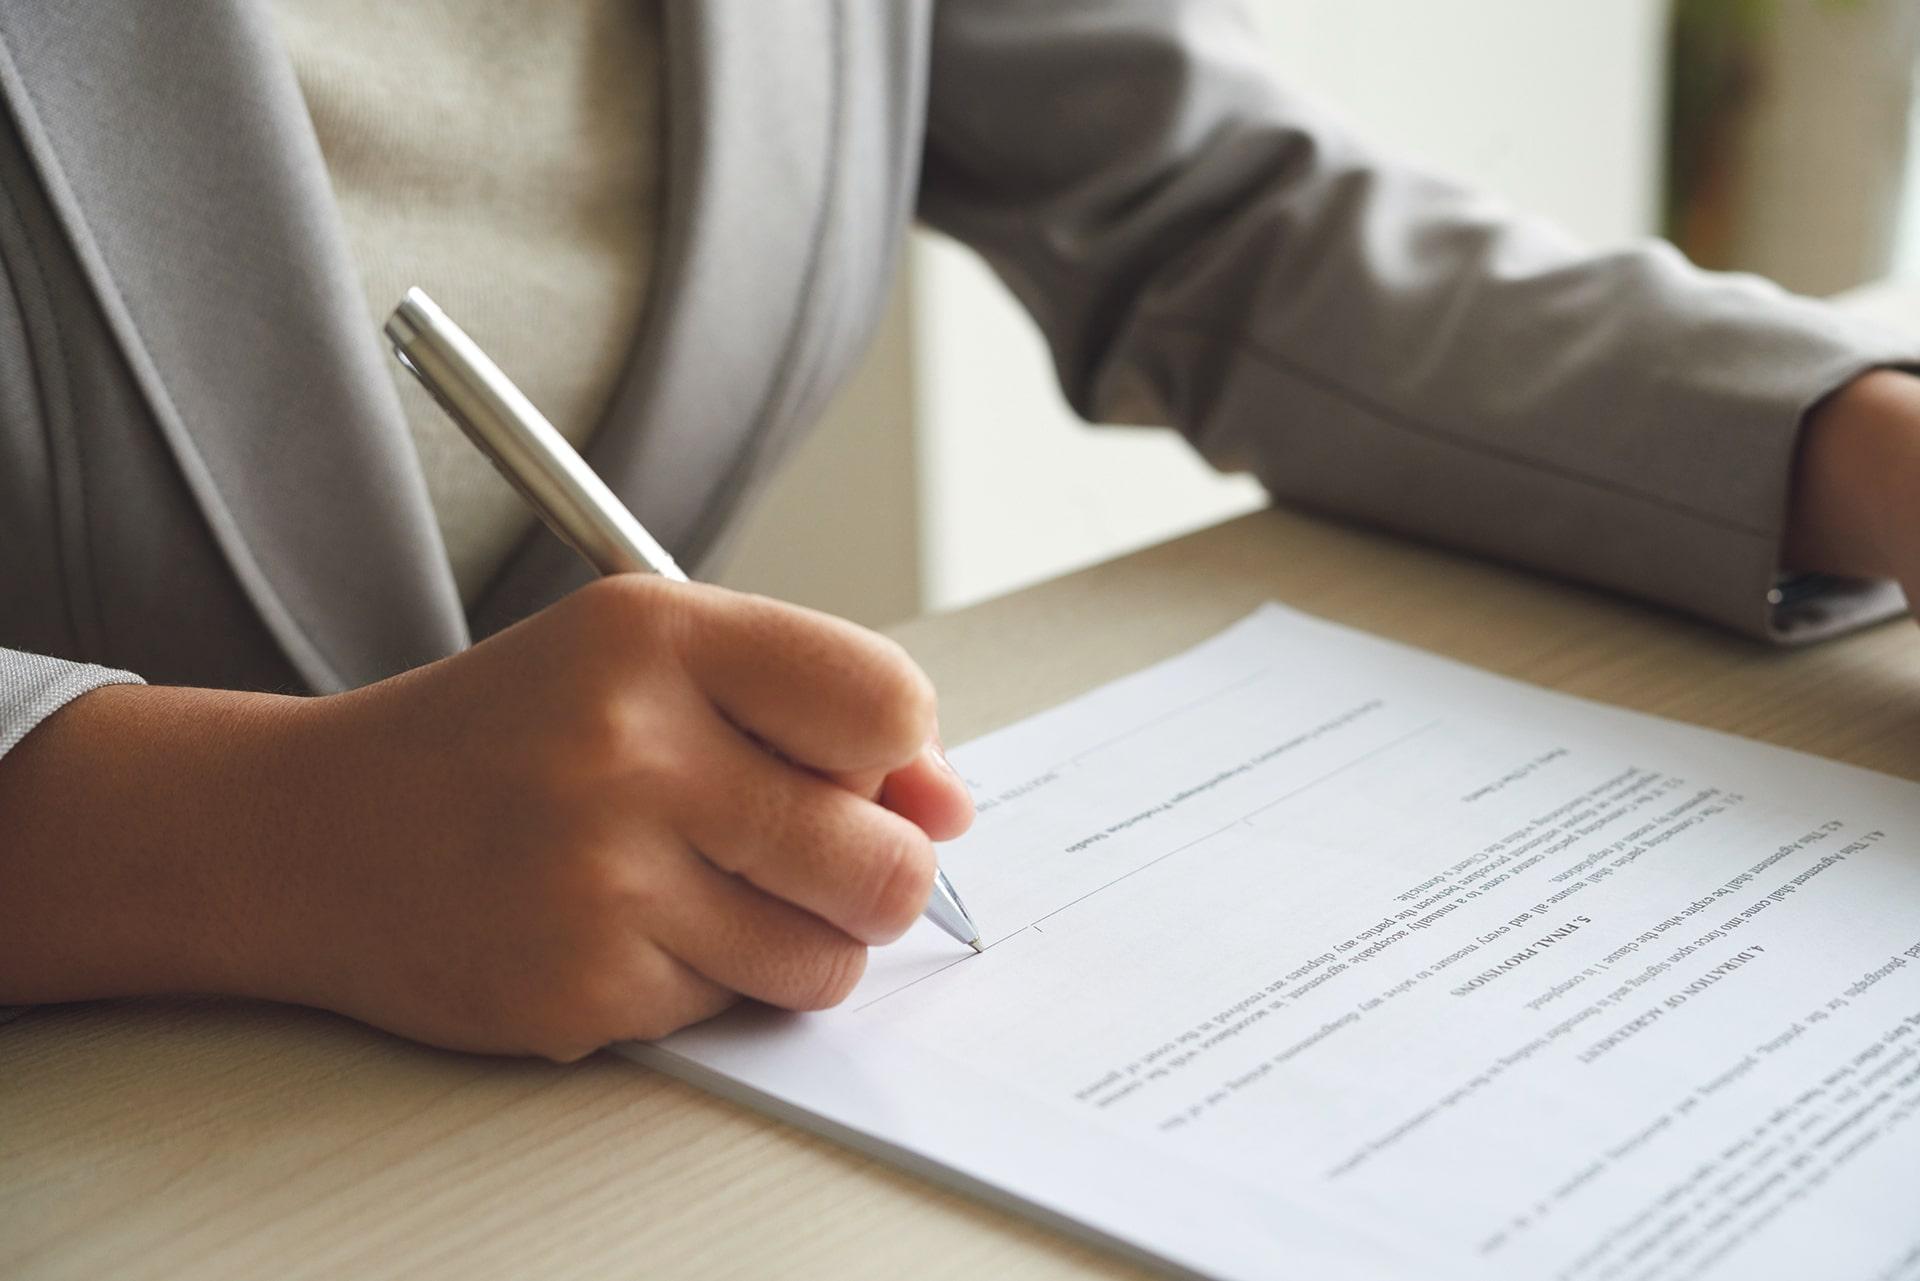 persoon dat document bekijkt alvorens het te tekenen